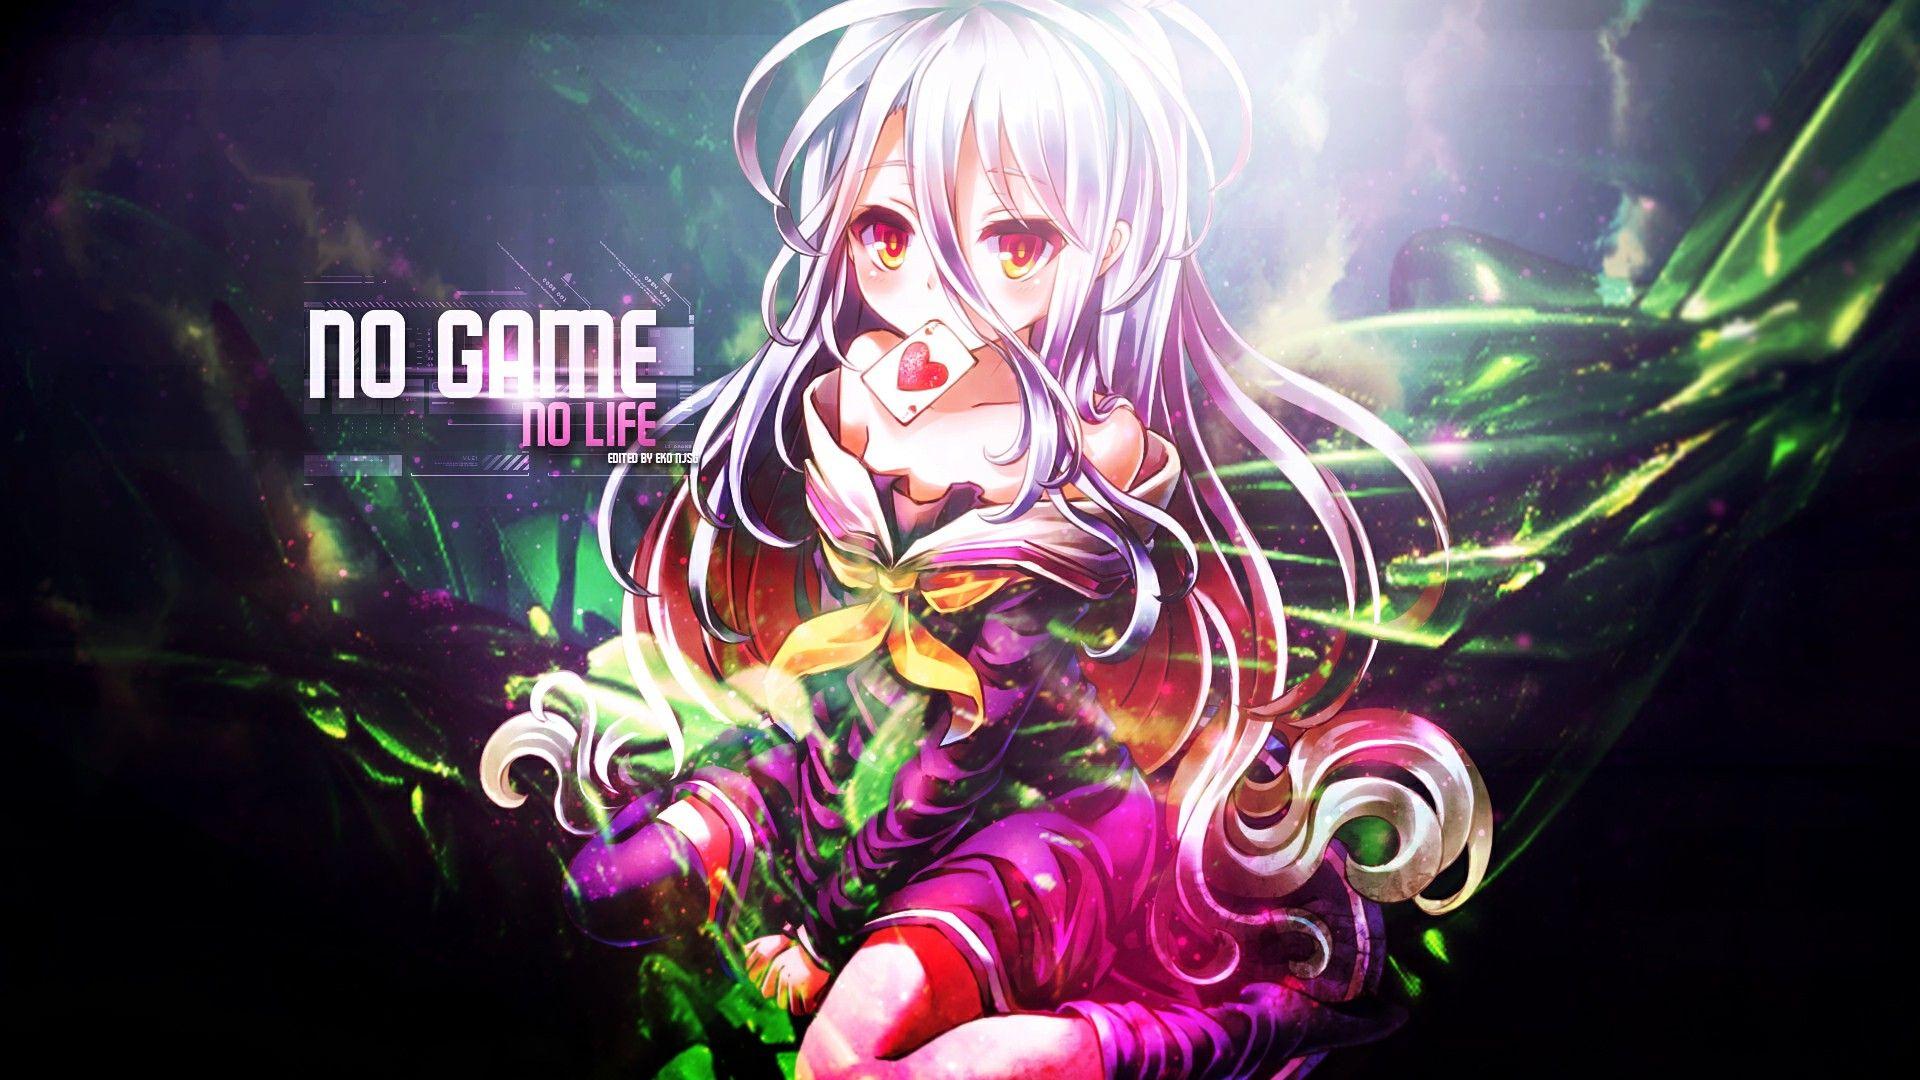 No game no life image by 冠宇 陳 on no game no live Anime